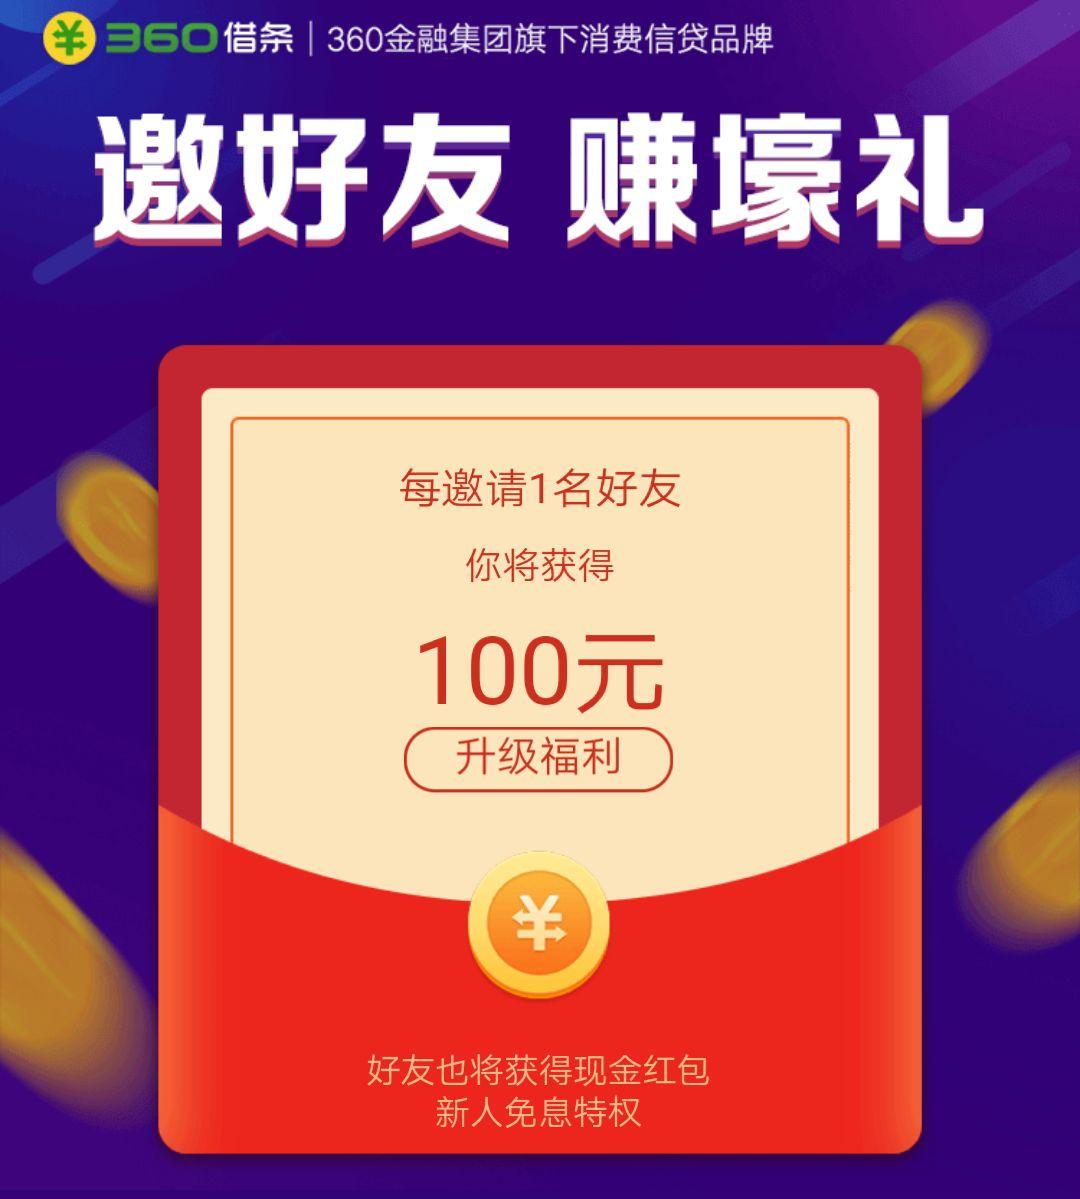 360借条邀请好友领取现金红包和免息券 最高100元